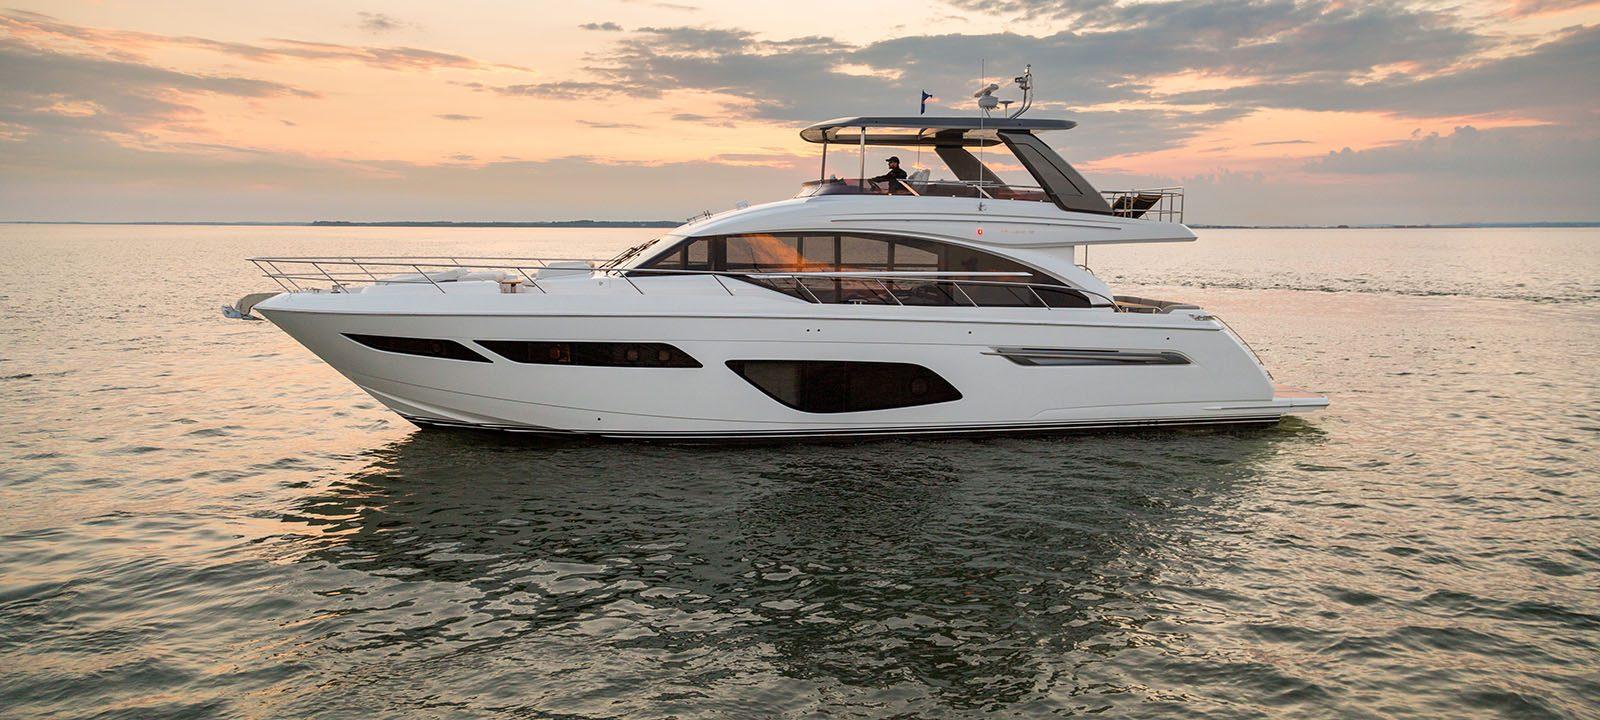 70 exterior white hull